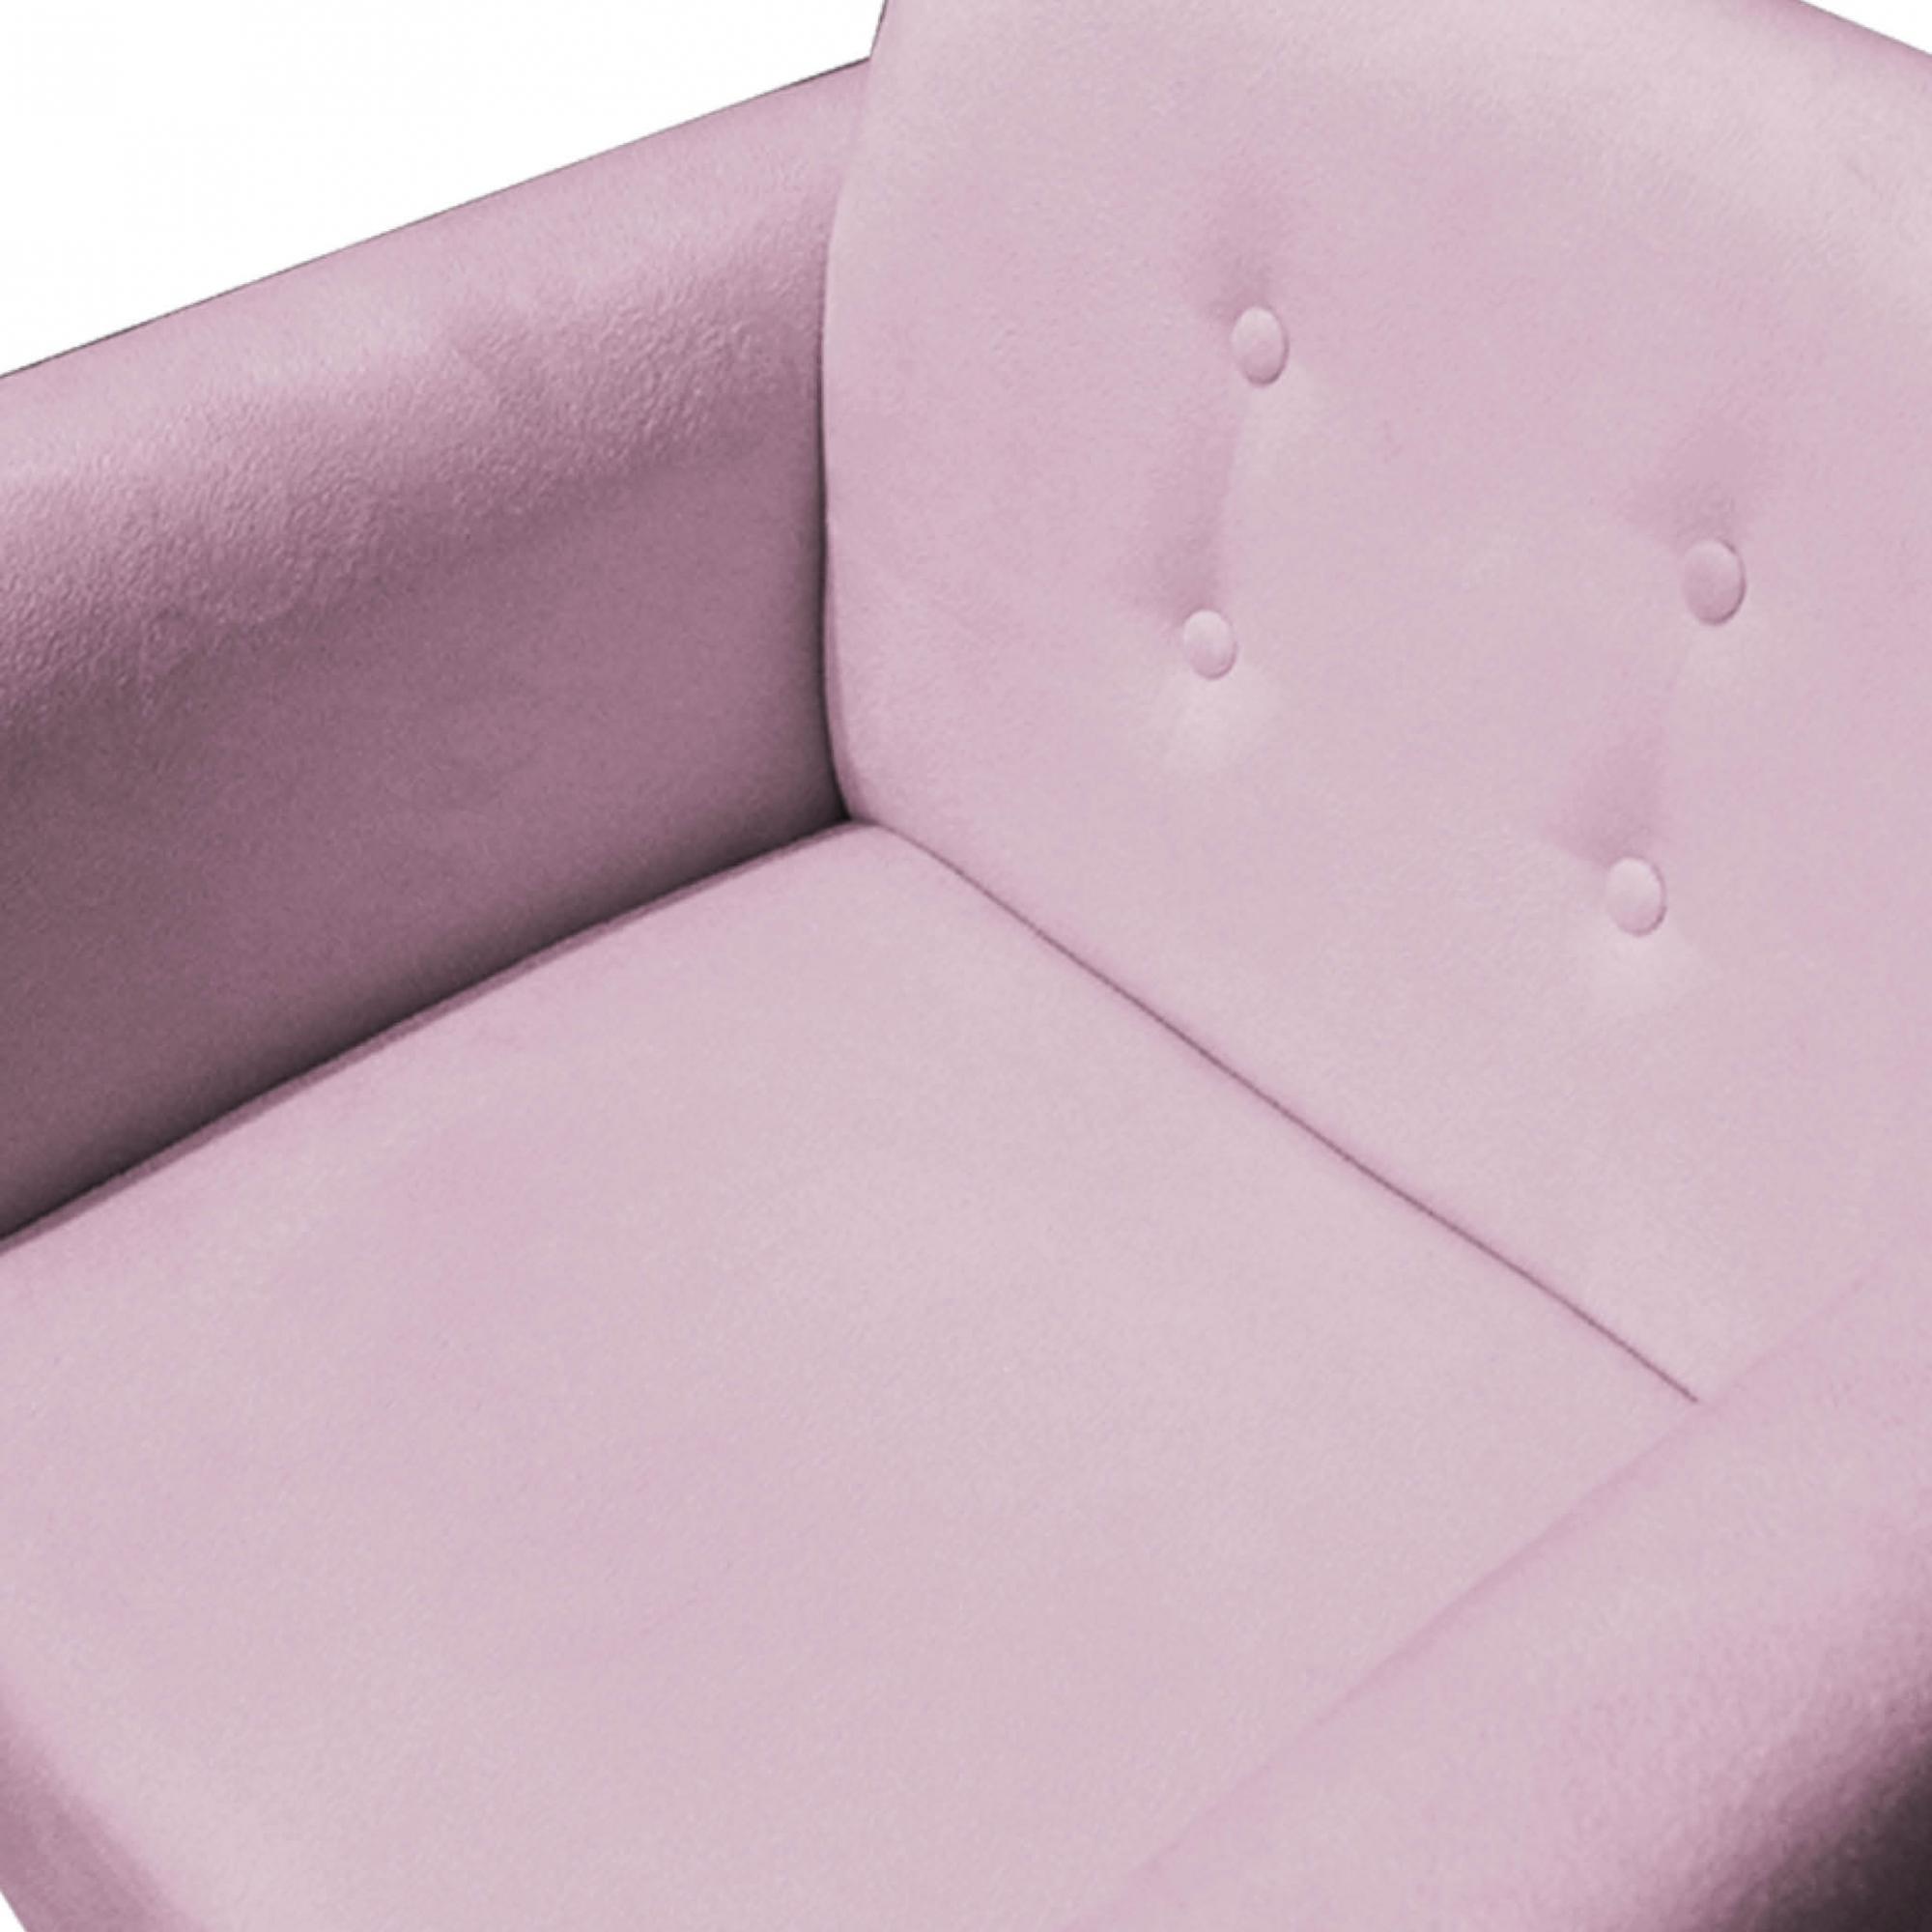 Kit 2 Poltrona Duda Decoraçâo Pé Palito Cadeira Recepção Escritório Clinica D'Classe Decor Suede Rosa Bebê